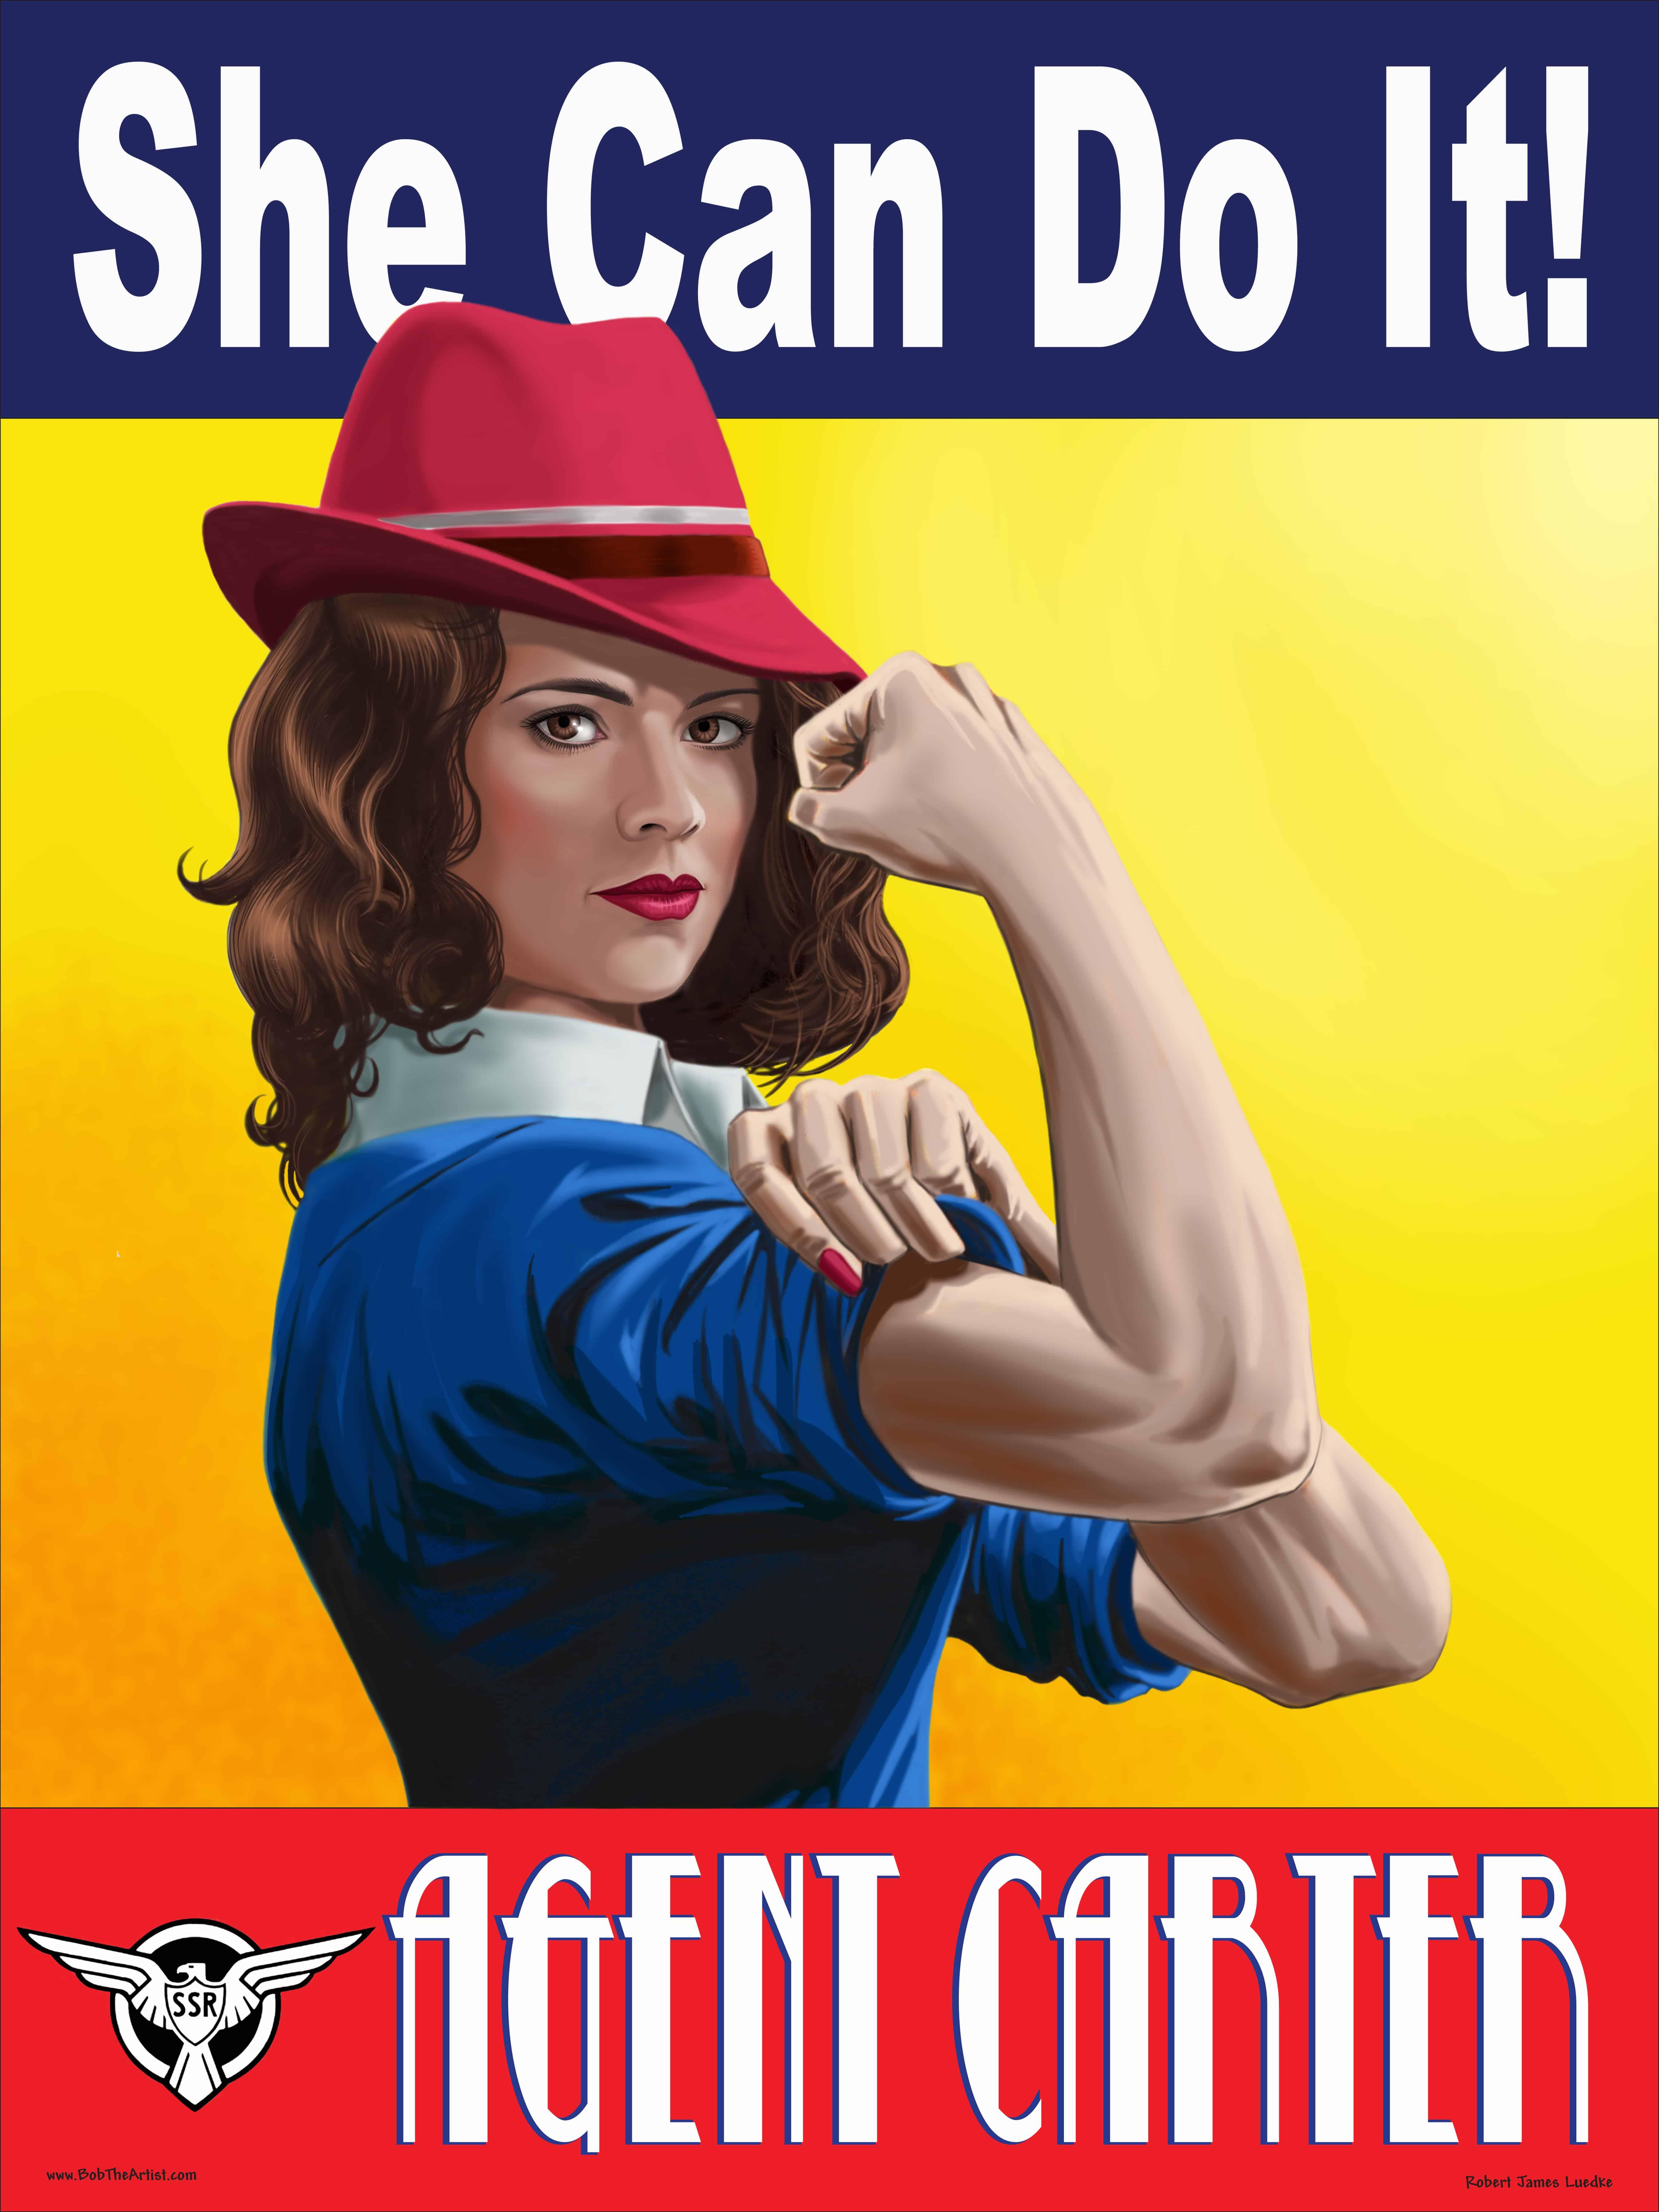 Agent Carter poster Final